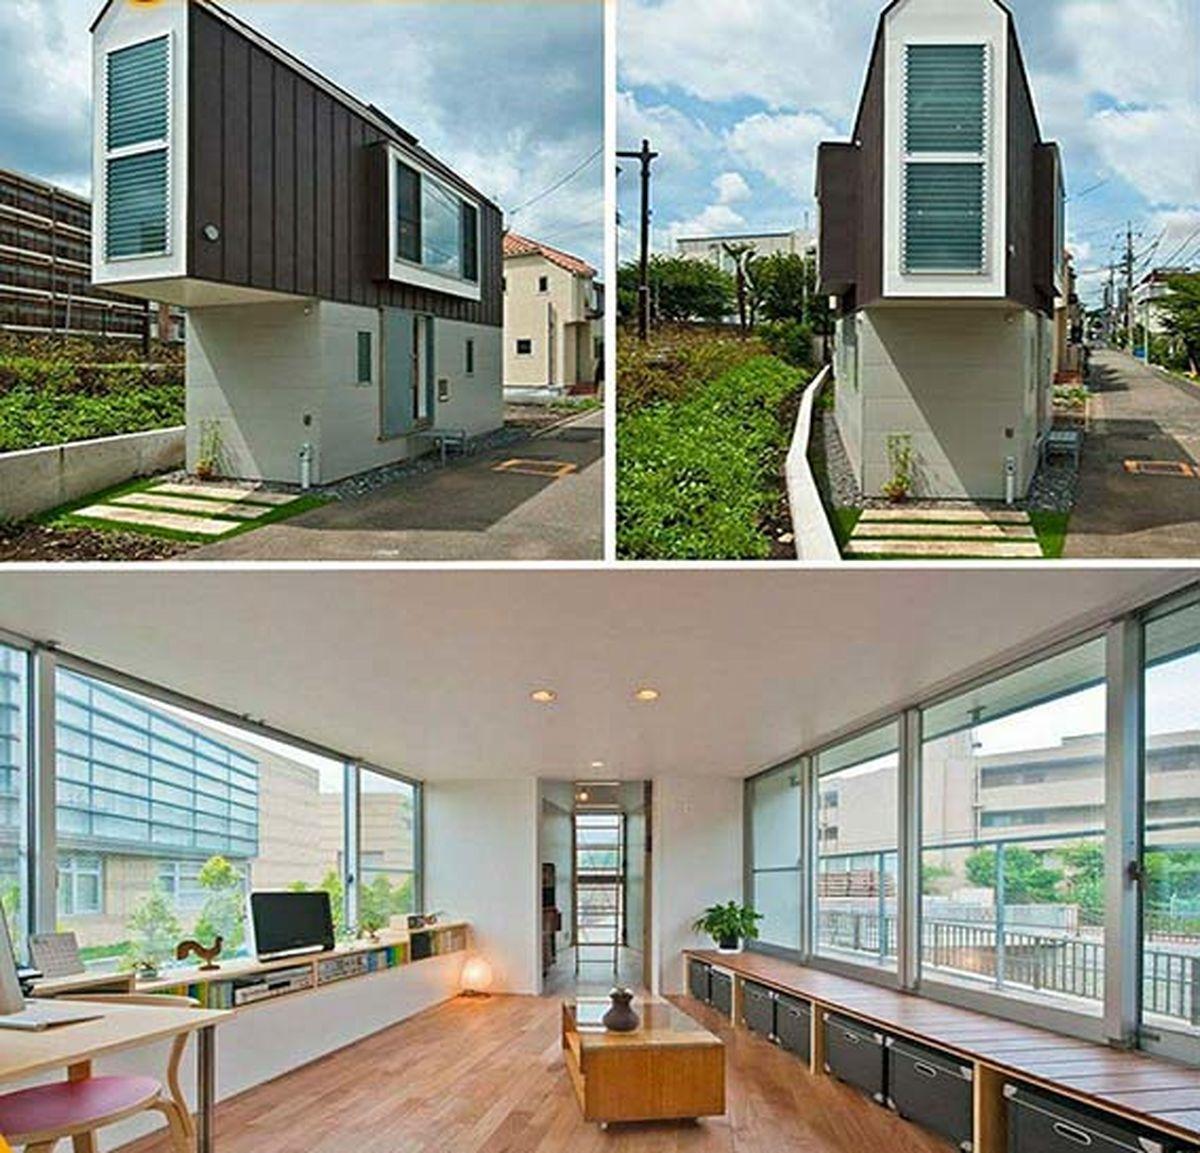 عجیب ترین خانه ژاپنی ساخته شد|عکس